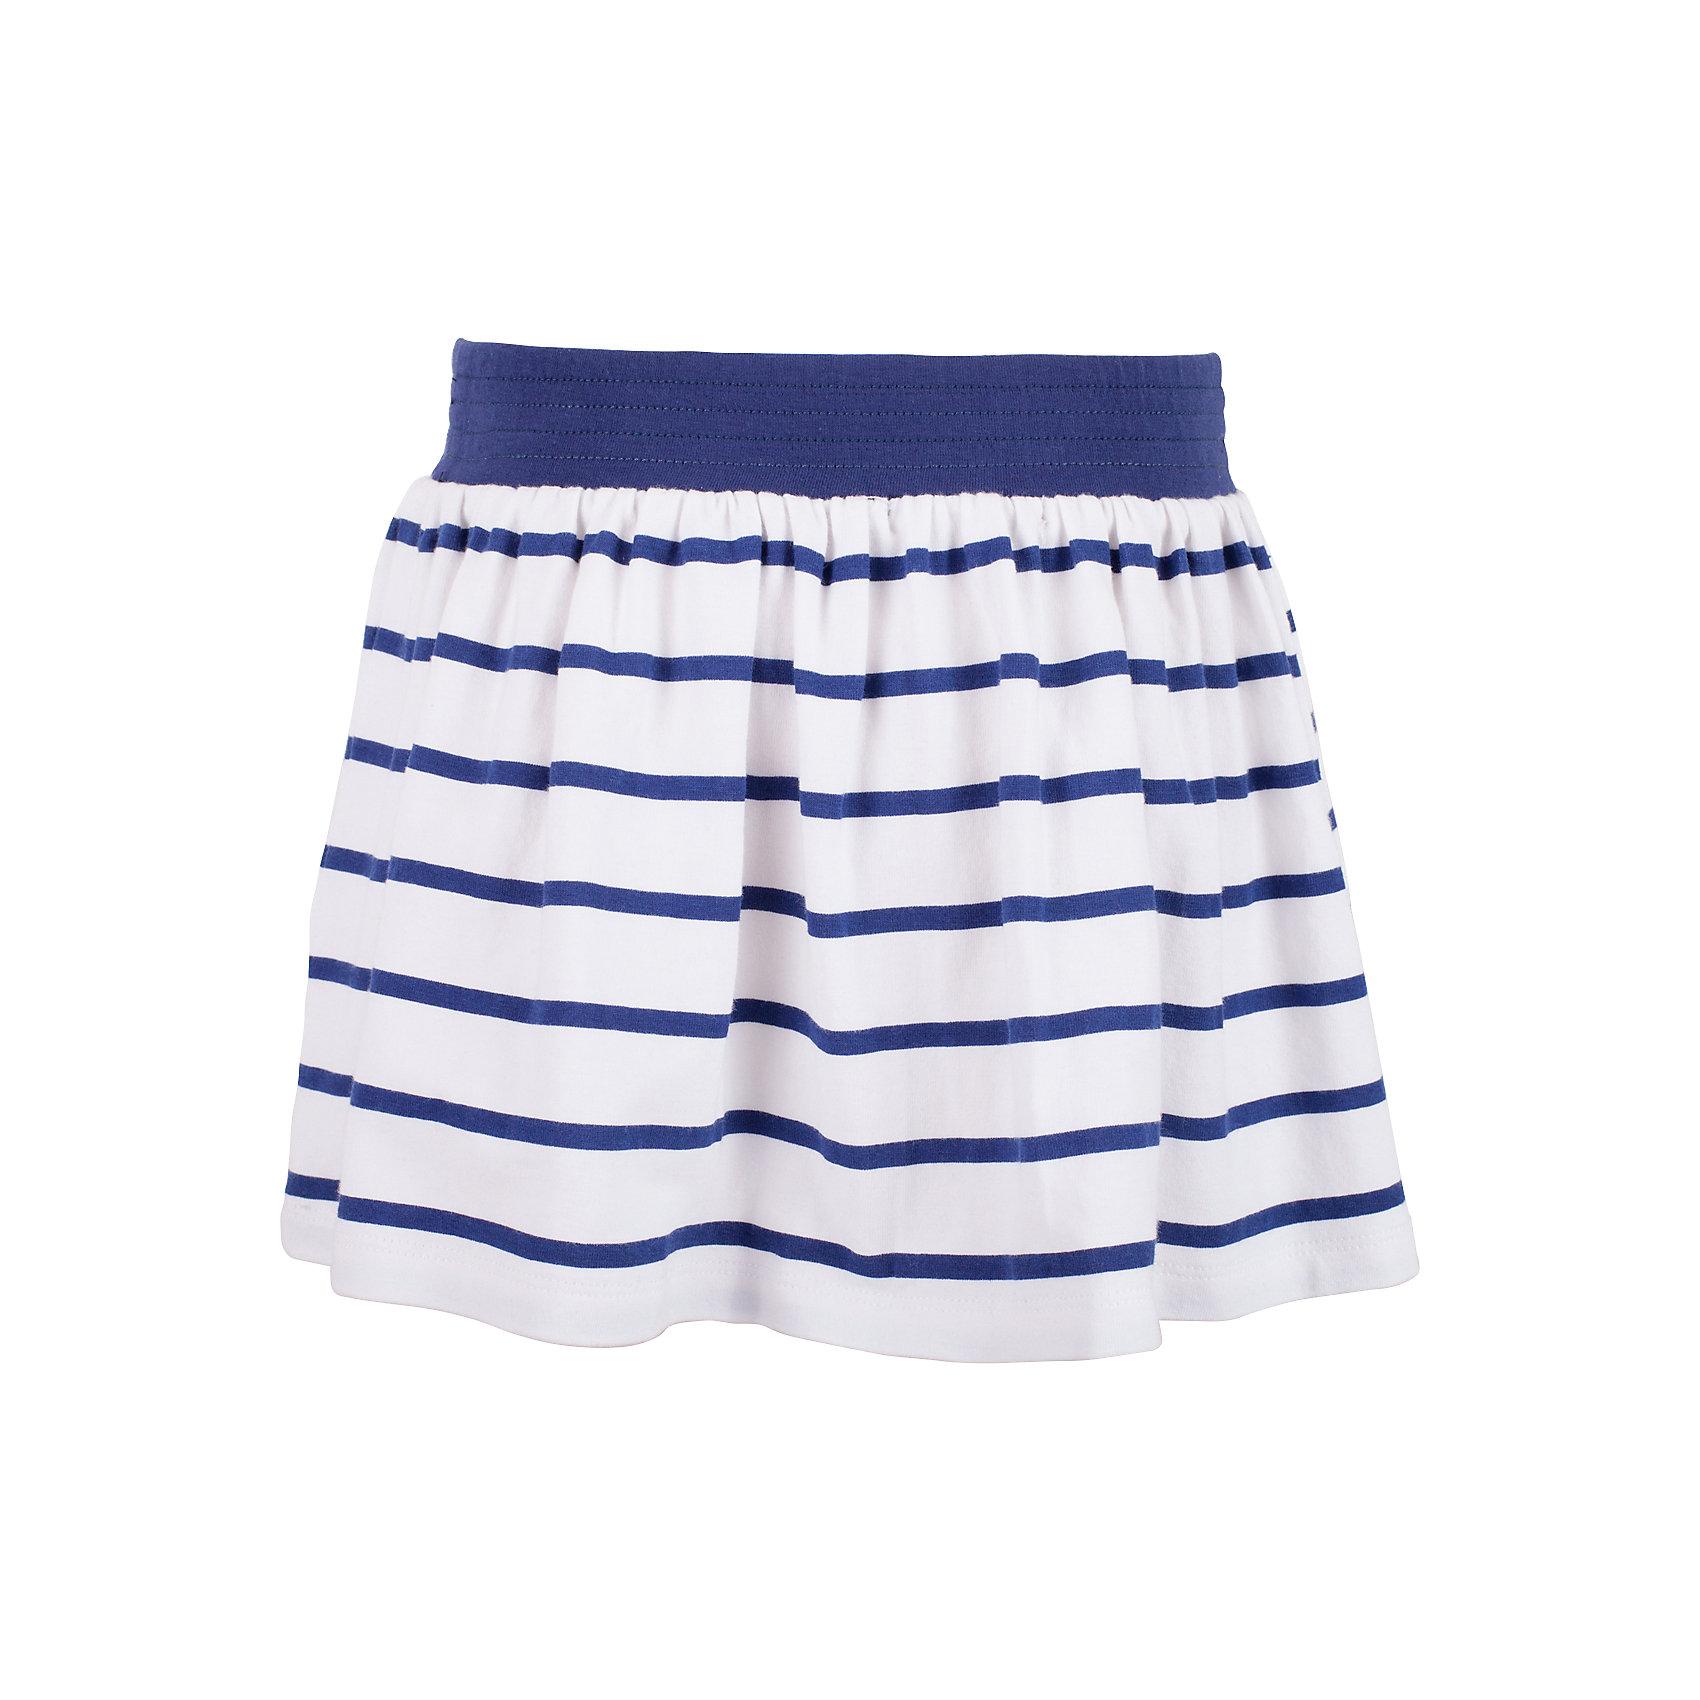 Юбка для девочки GulliverЮбки<br>Прекрасная трикотажная юбка идеально дополнит летний гардероб юной леди. Для дачного отдыха, прогулок и домашнего времяпрепровождения, юбка будет незаменима. Легкая, удобная, комфортная, юбка для девочек из мягкого трикотажа вне времени и вне моды. Крупная морская полоска придает модели динамику, контрастный пояс на резинке создает удобство в одевании-раздевании, что немаловажно для самостоятельных барышень. Если вы хотите купить юбку на каждый день, эта модель - то, что нужно! Ребенок будет чувствовать себя самим собой и обязательно оценит комфорт и свободу движений.<br>Состав:<br>95% хлопок      5% эластан<br><br>Ширина мм: 207<br>Глубина мм: 10<br>Высота мм: 189<br>Вес г: 183<br>Цвет: синий<br>Возраст от месяцев: 24<br>Возраст до месяцев: 36<br>Пол: Женский<br>Возраст: Детский<br>Размер: 98,104,110,116<br>SKU: 5483705